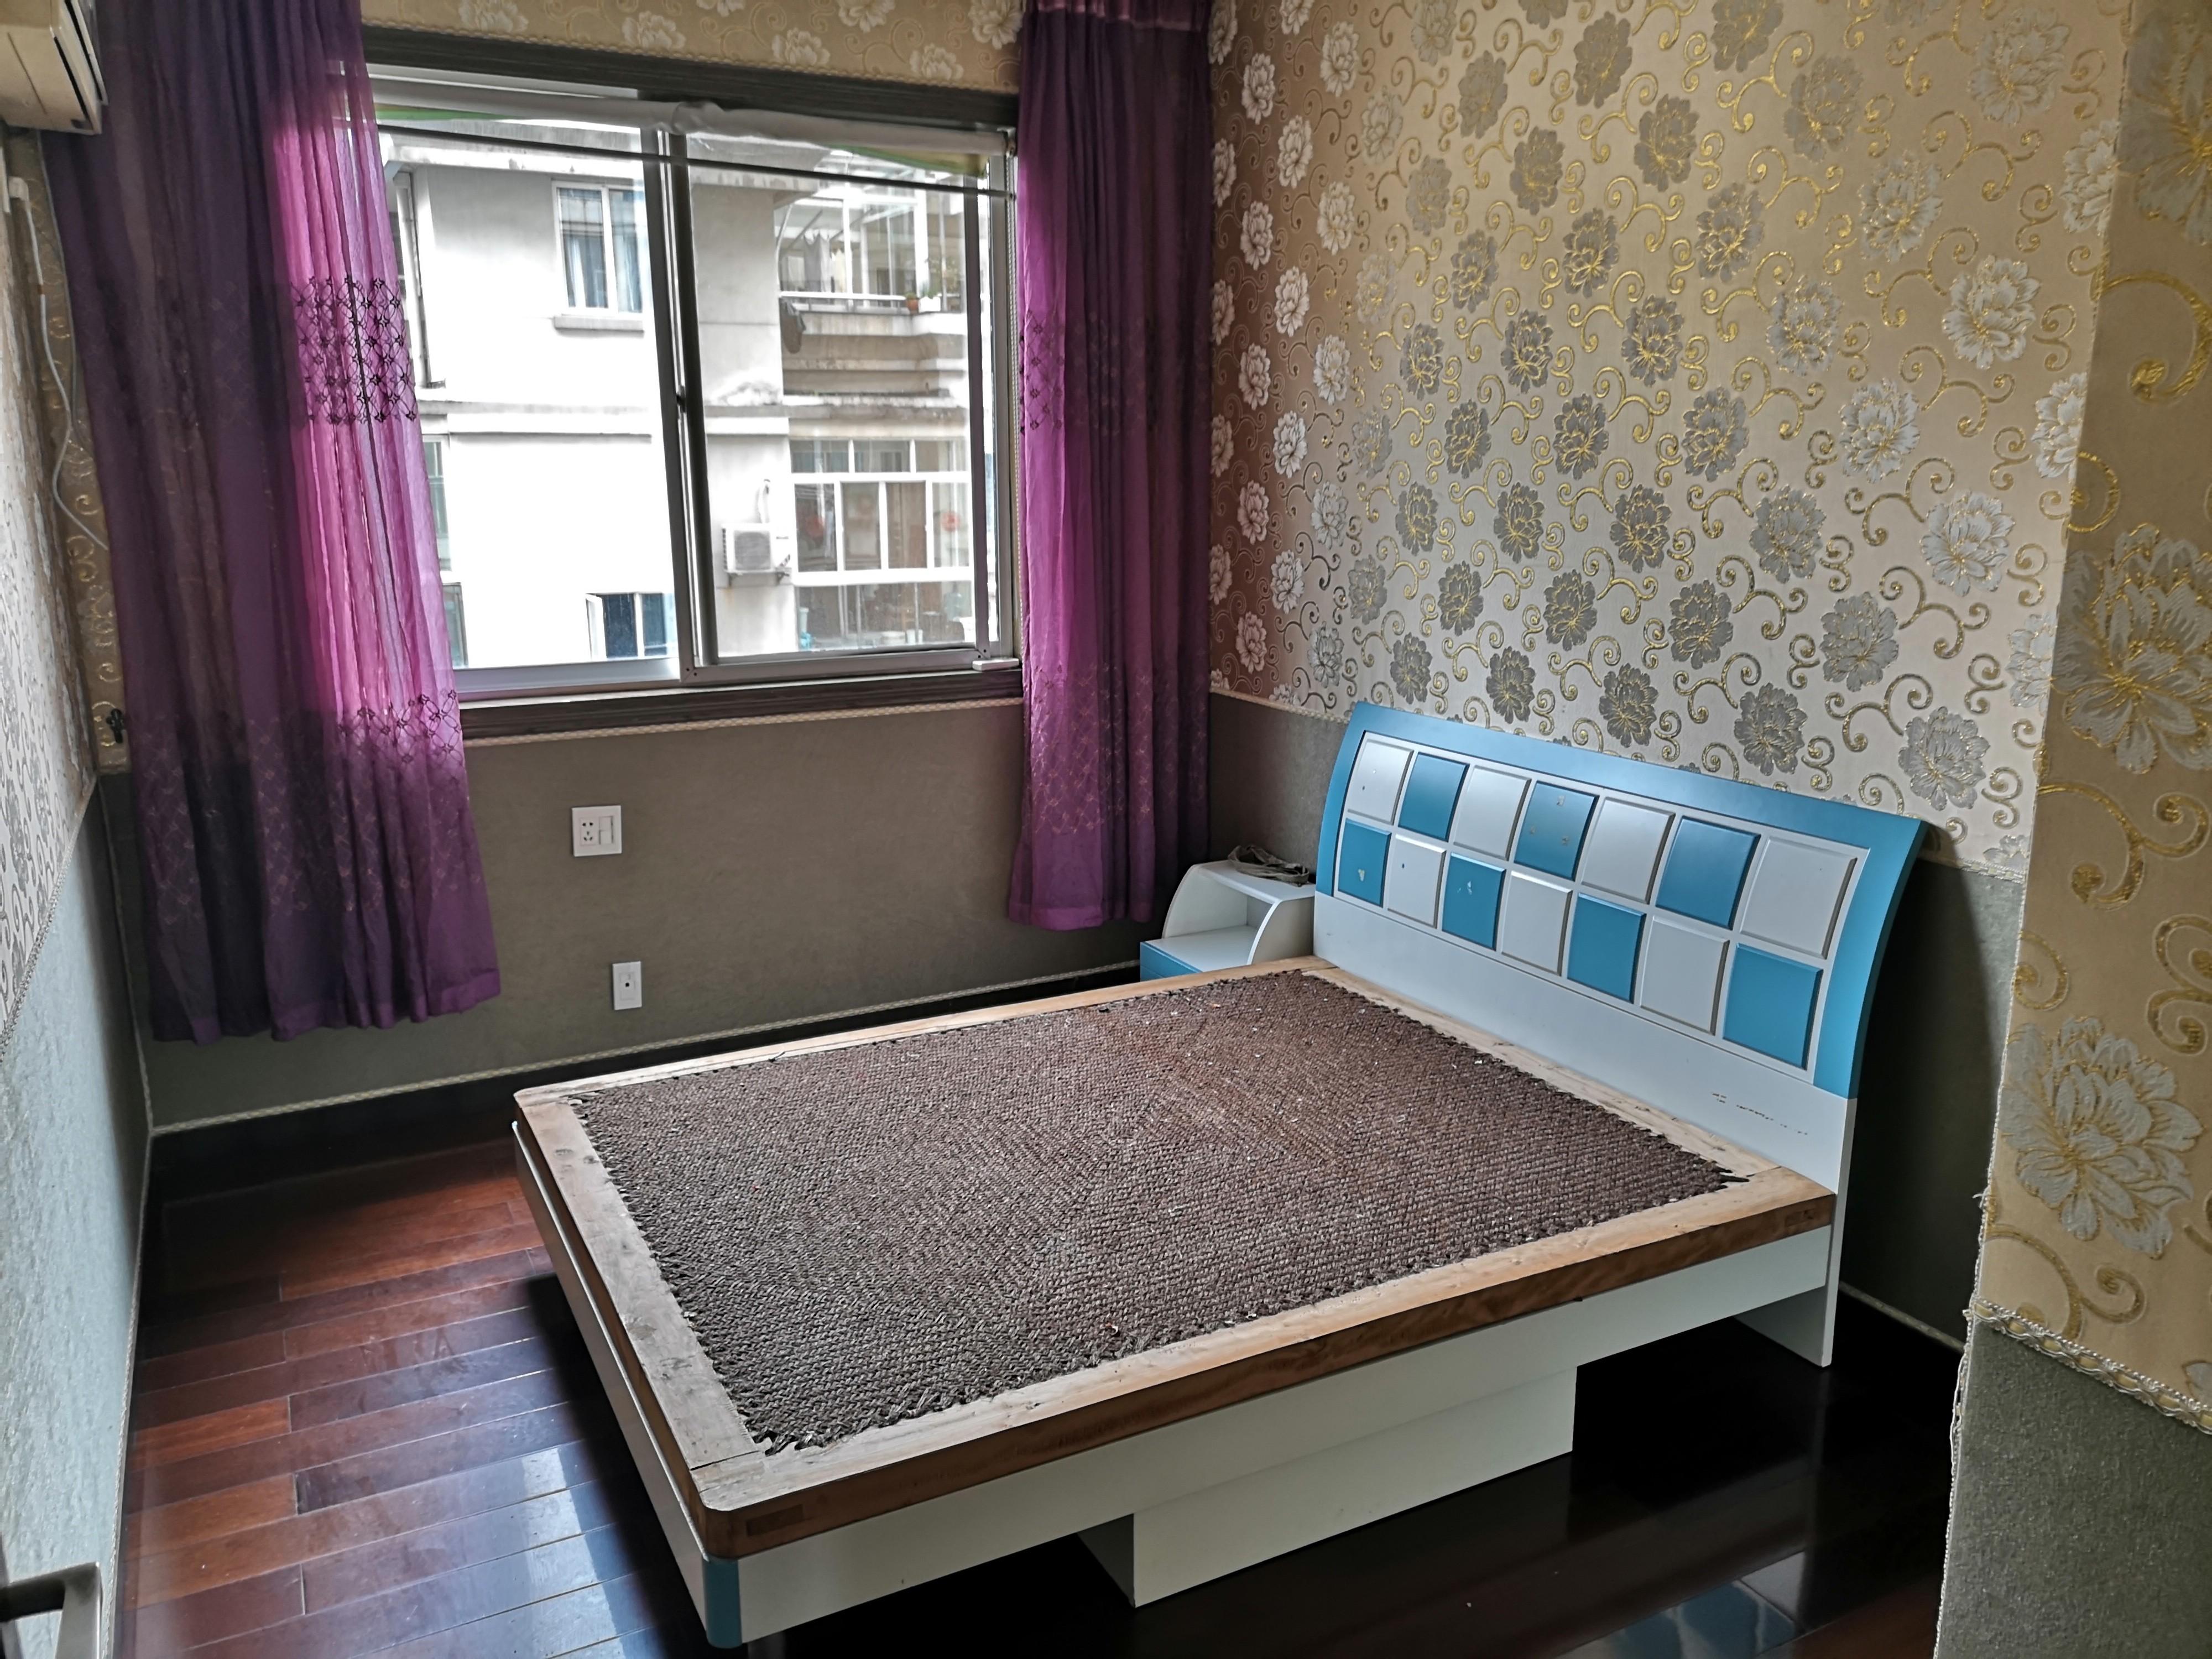 回澜南苑 中间楼层 房东自住装修 看房方便 价格可谈配套齐全